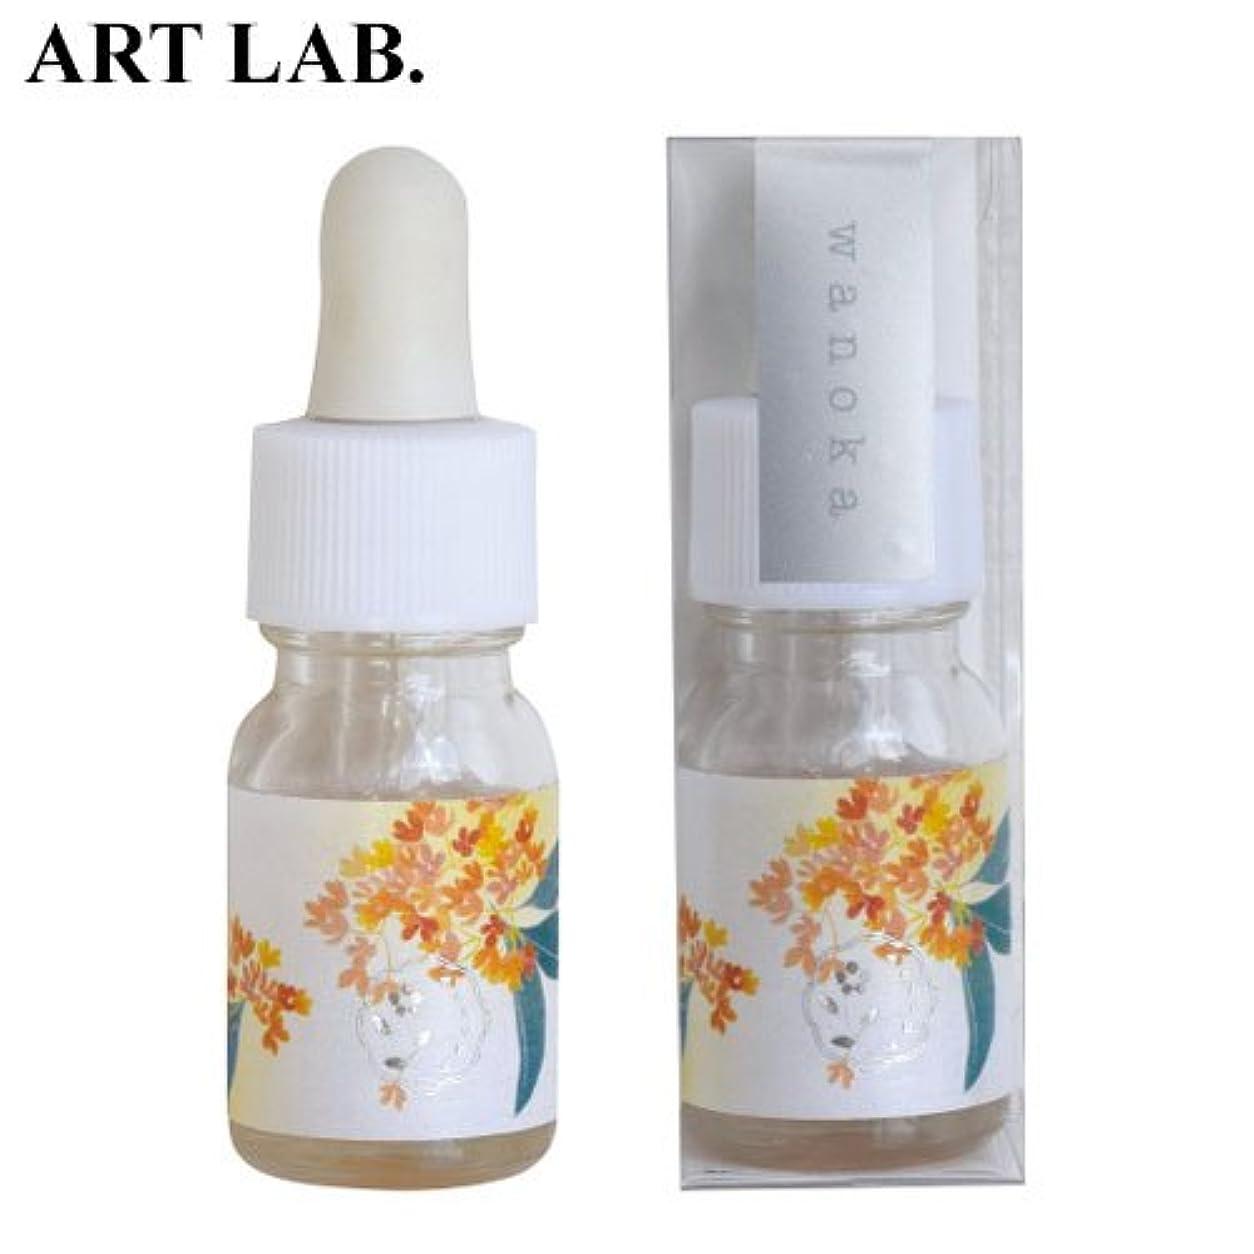 民兵愛撫音楽家wanoka香油アロマオイル金木犀《果実のような甘い香り》ART LABAromatic oil